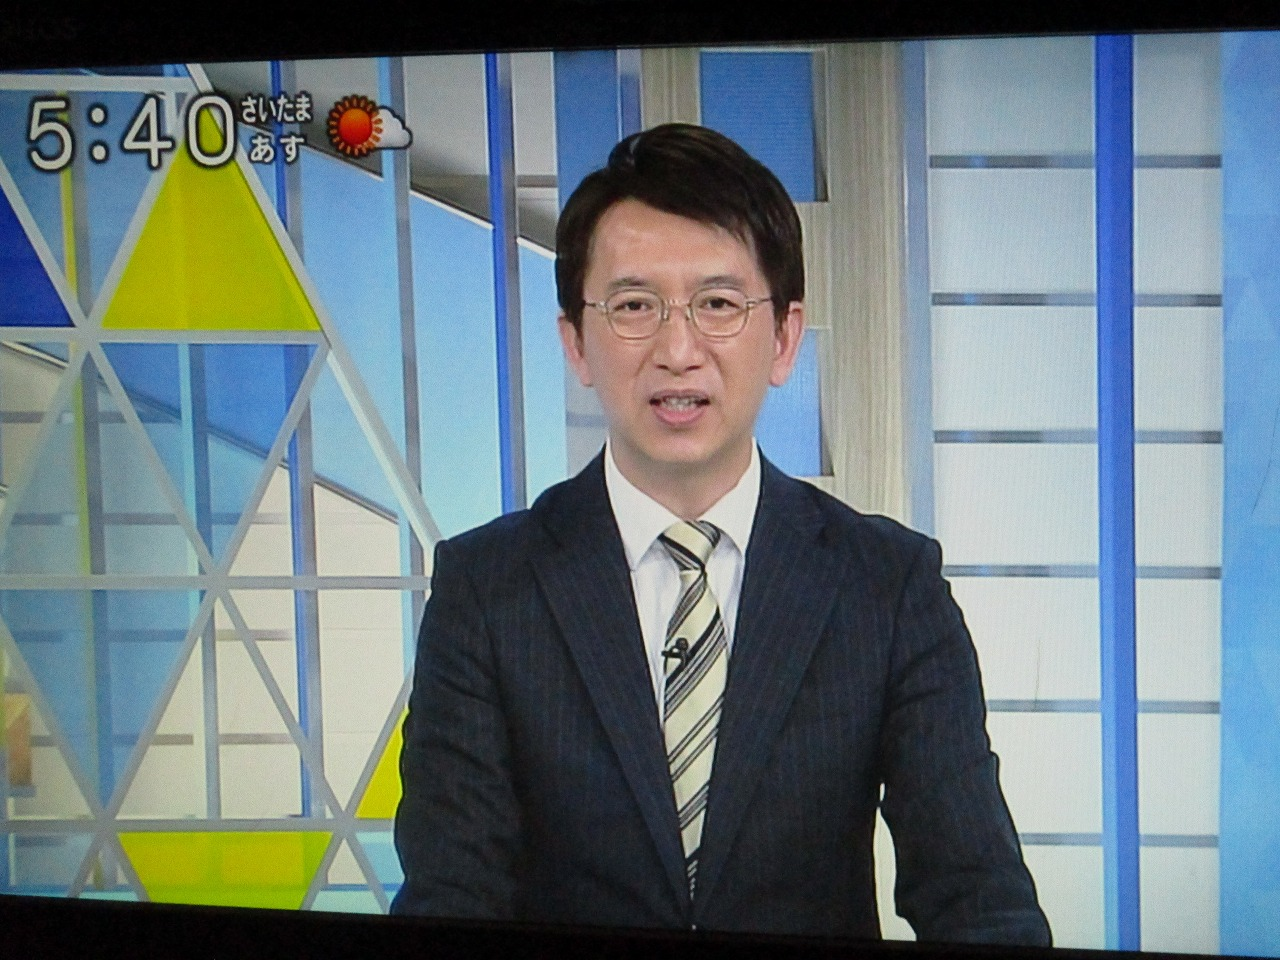 こきっつぁんのミュージックダイアリー 「7月29日・坂上香織の誕生日」 | こきっつぁんの765EVENING